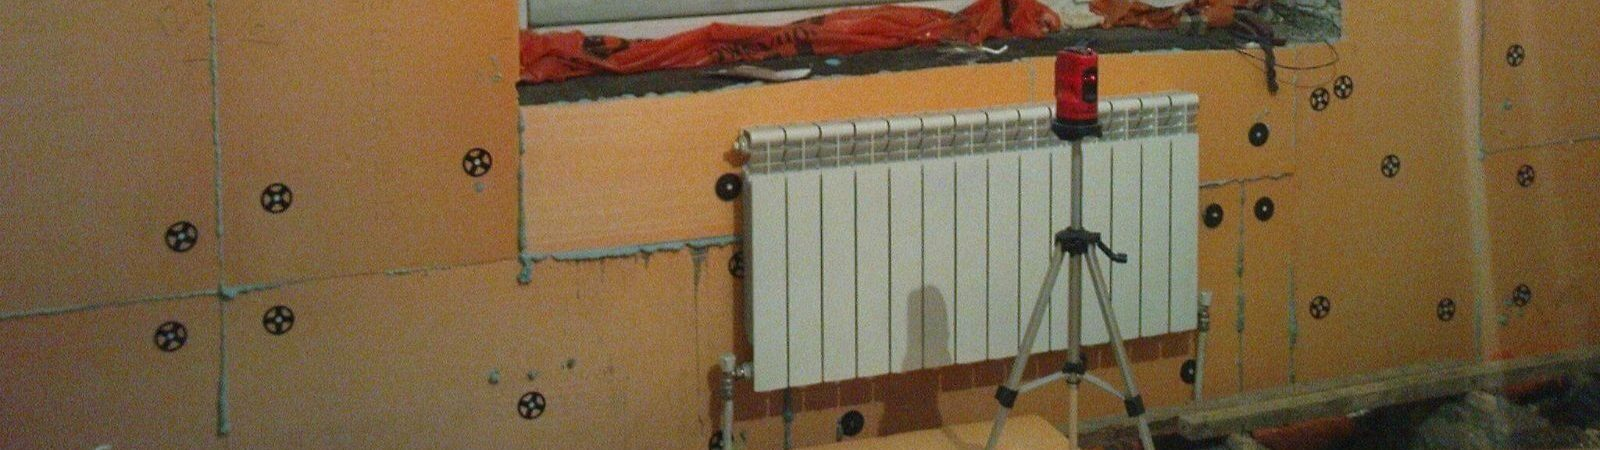 Утепление стен изнутри: особенности технологии, материалы